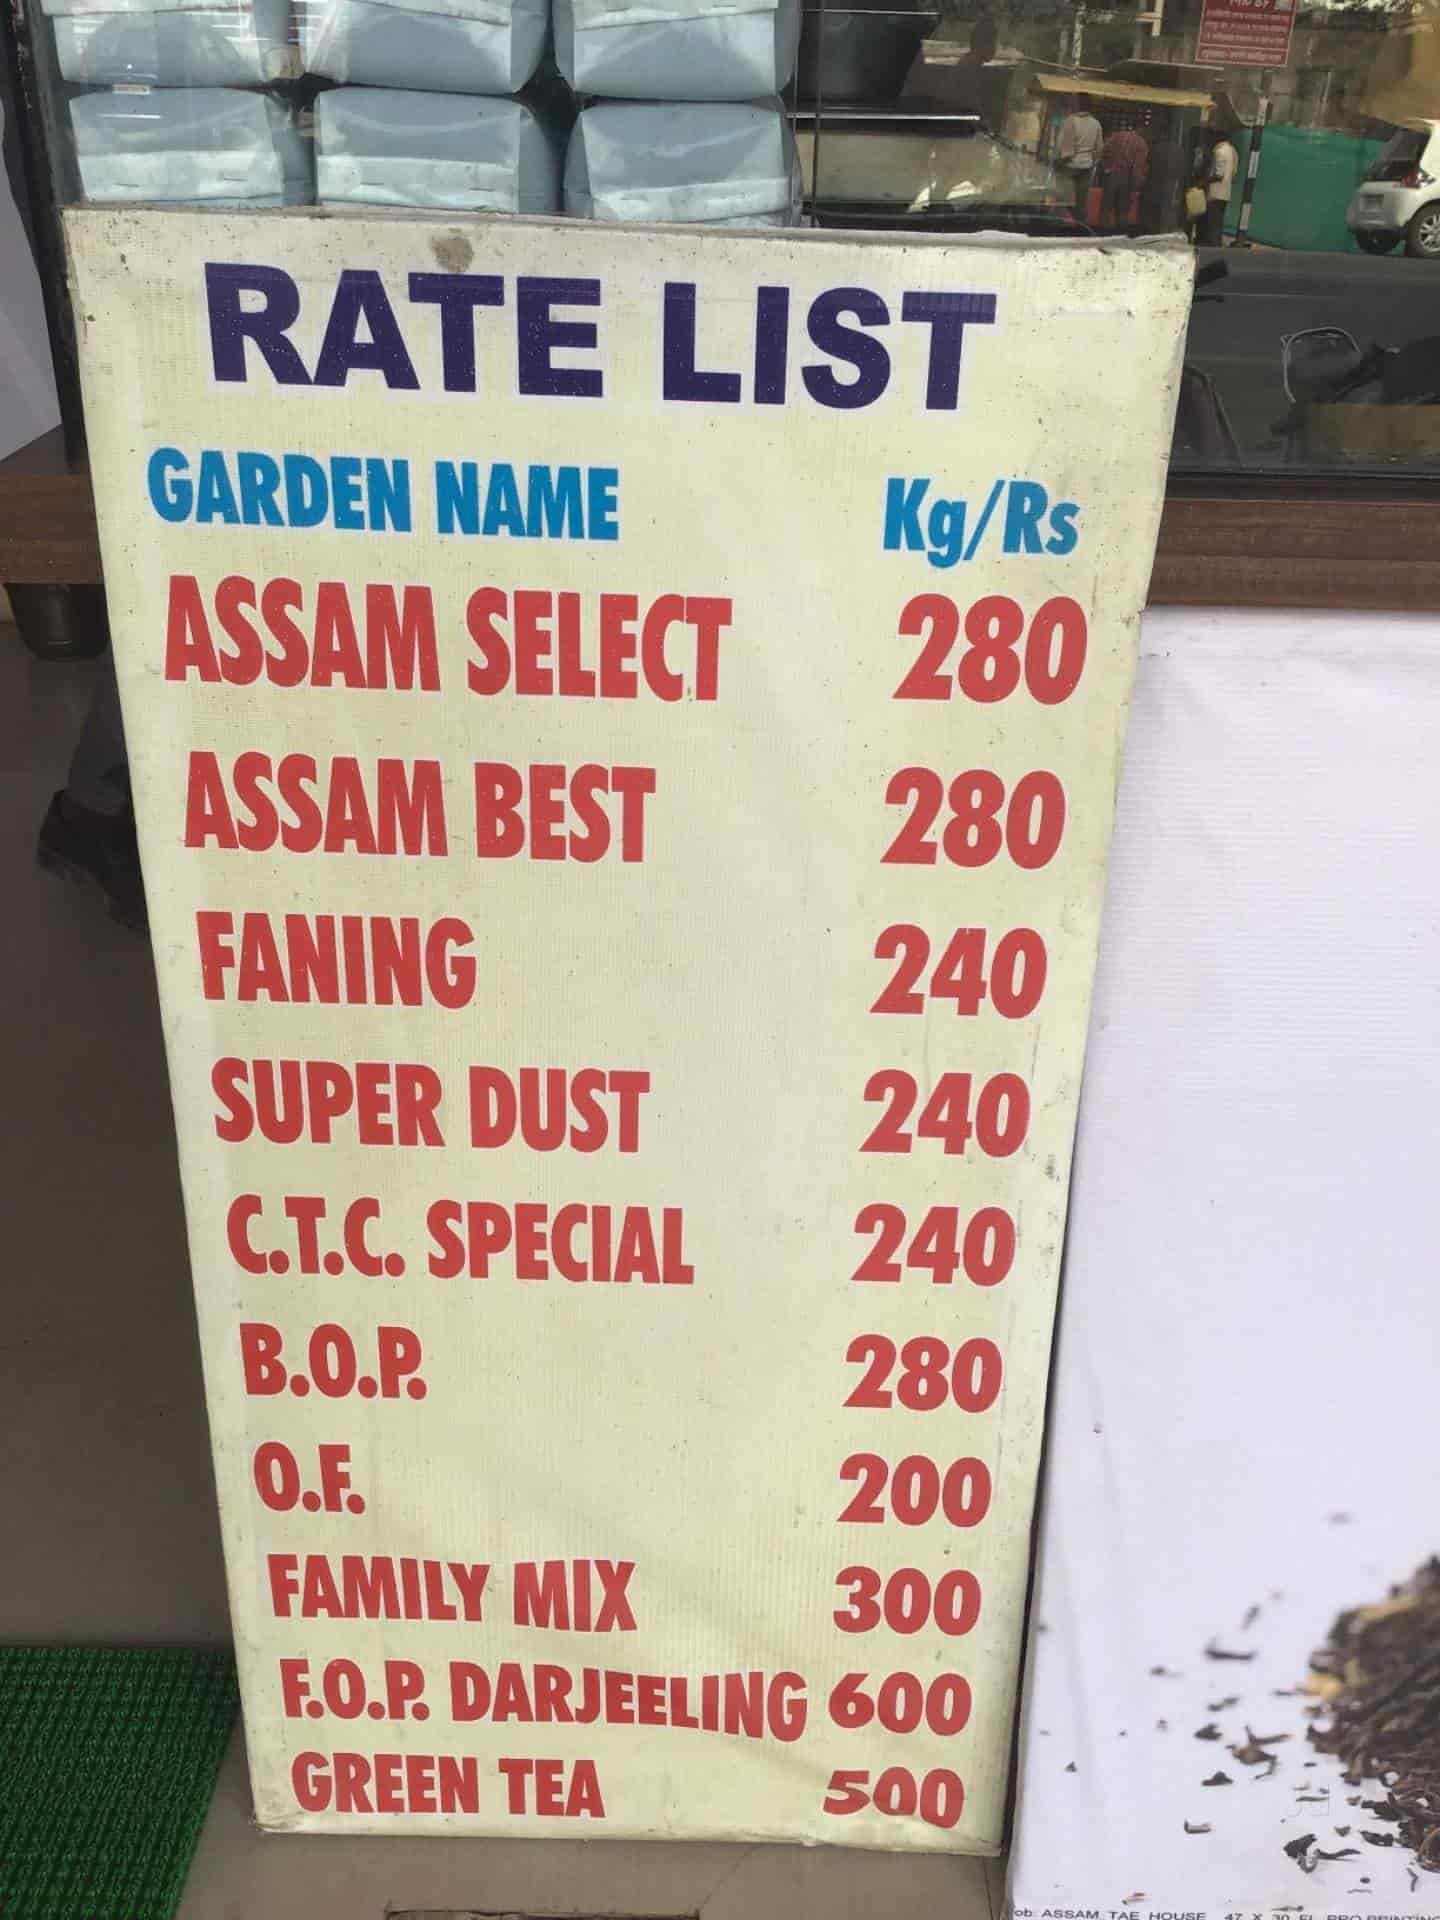 Assam Tea House Photos, Gorakhpur, Jabalpur- Pictures & Images